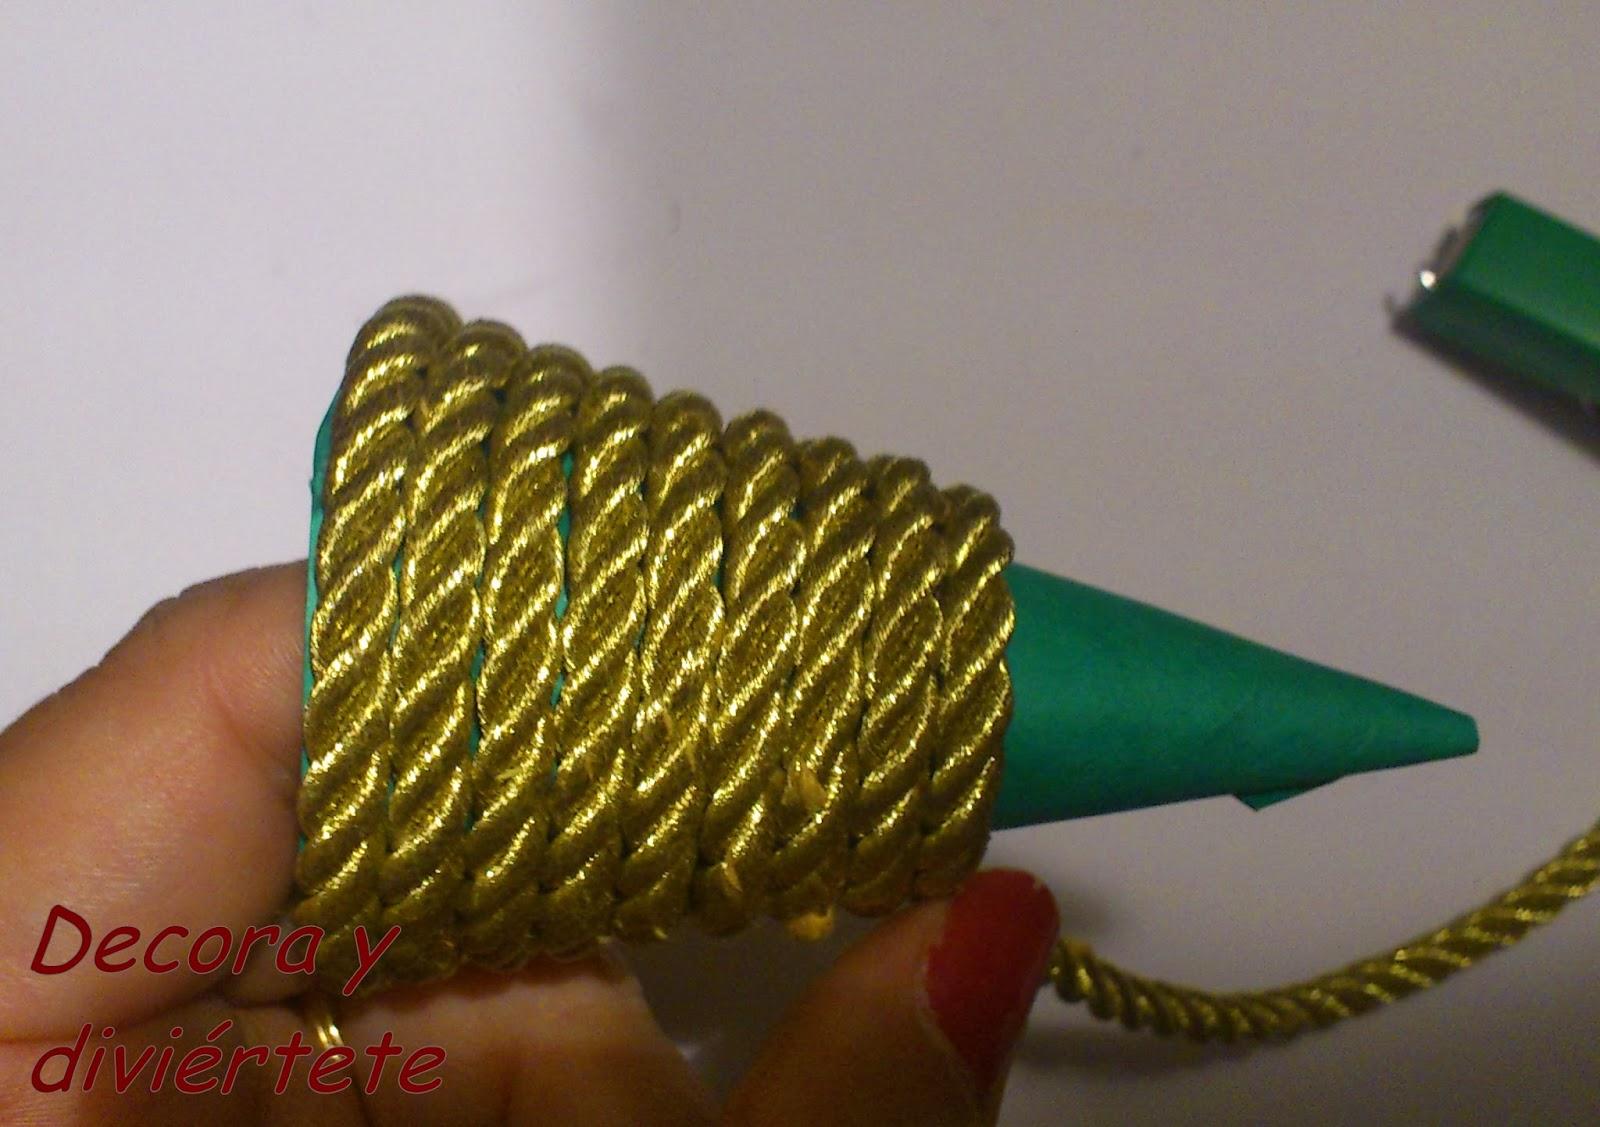 Diy paso a paso de como hacer un rbol de navidad decora - Como se decora un arbol de navidad ...